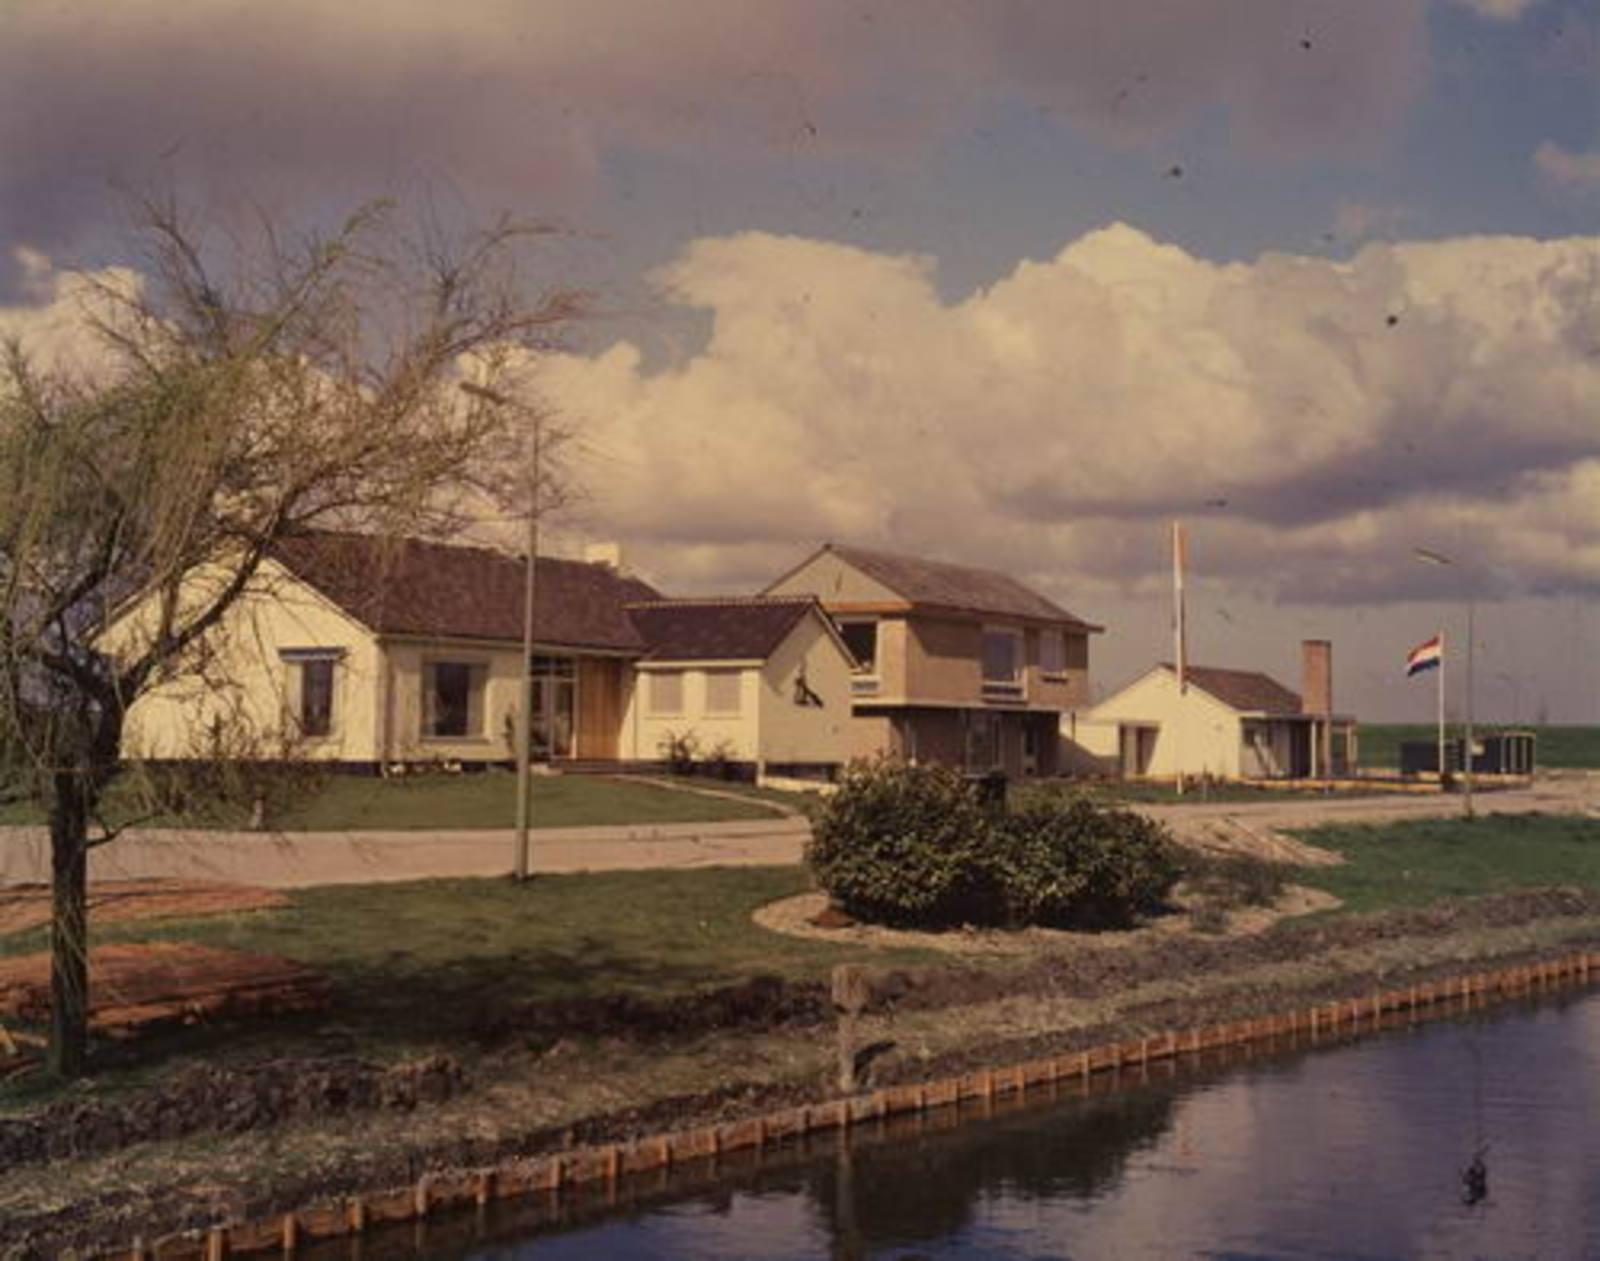 Raadhuislaan 0048 1961 Goudkust in aanbouw